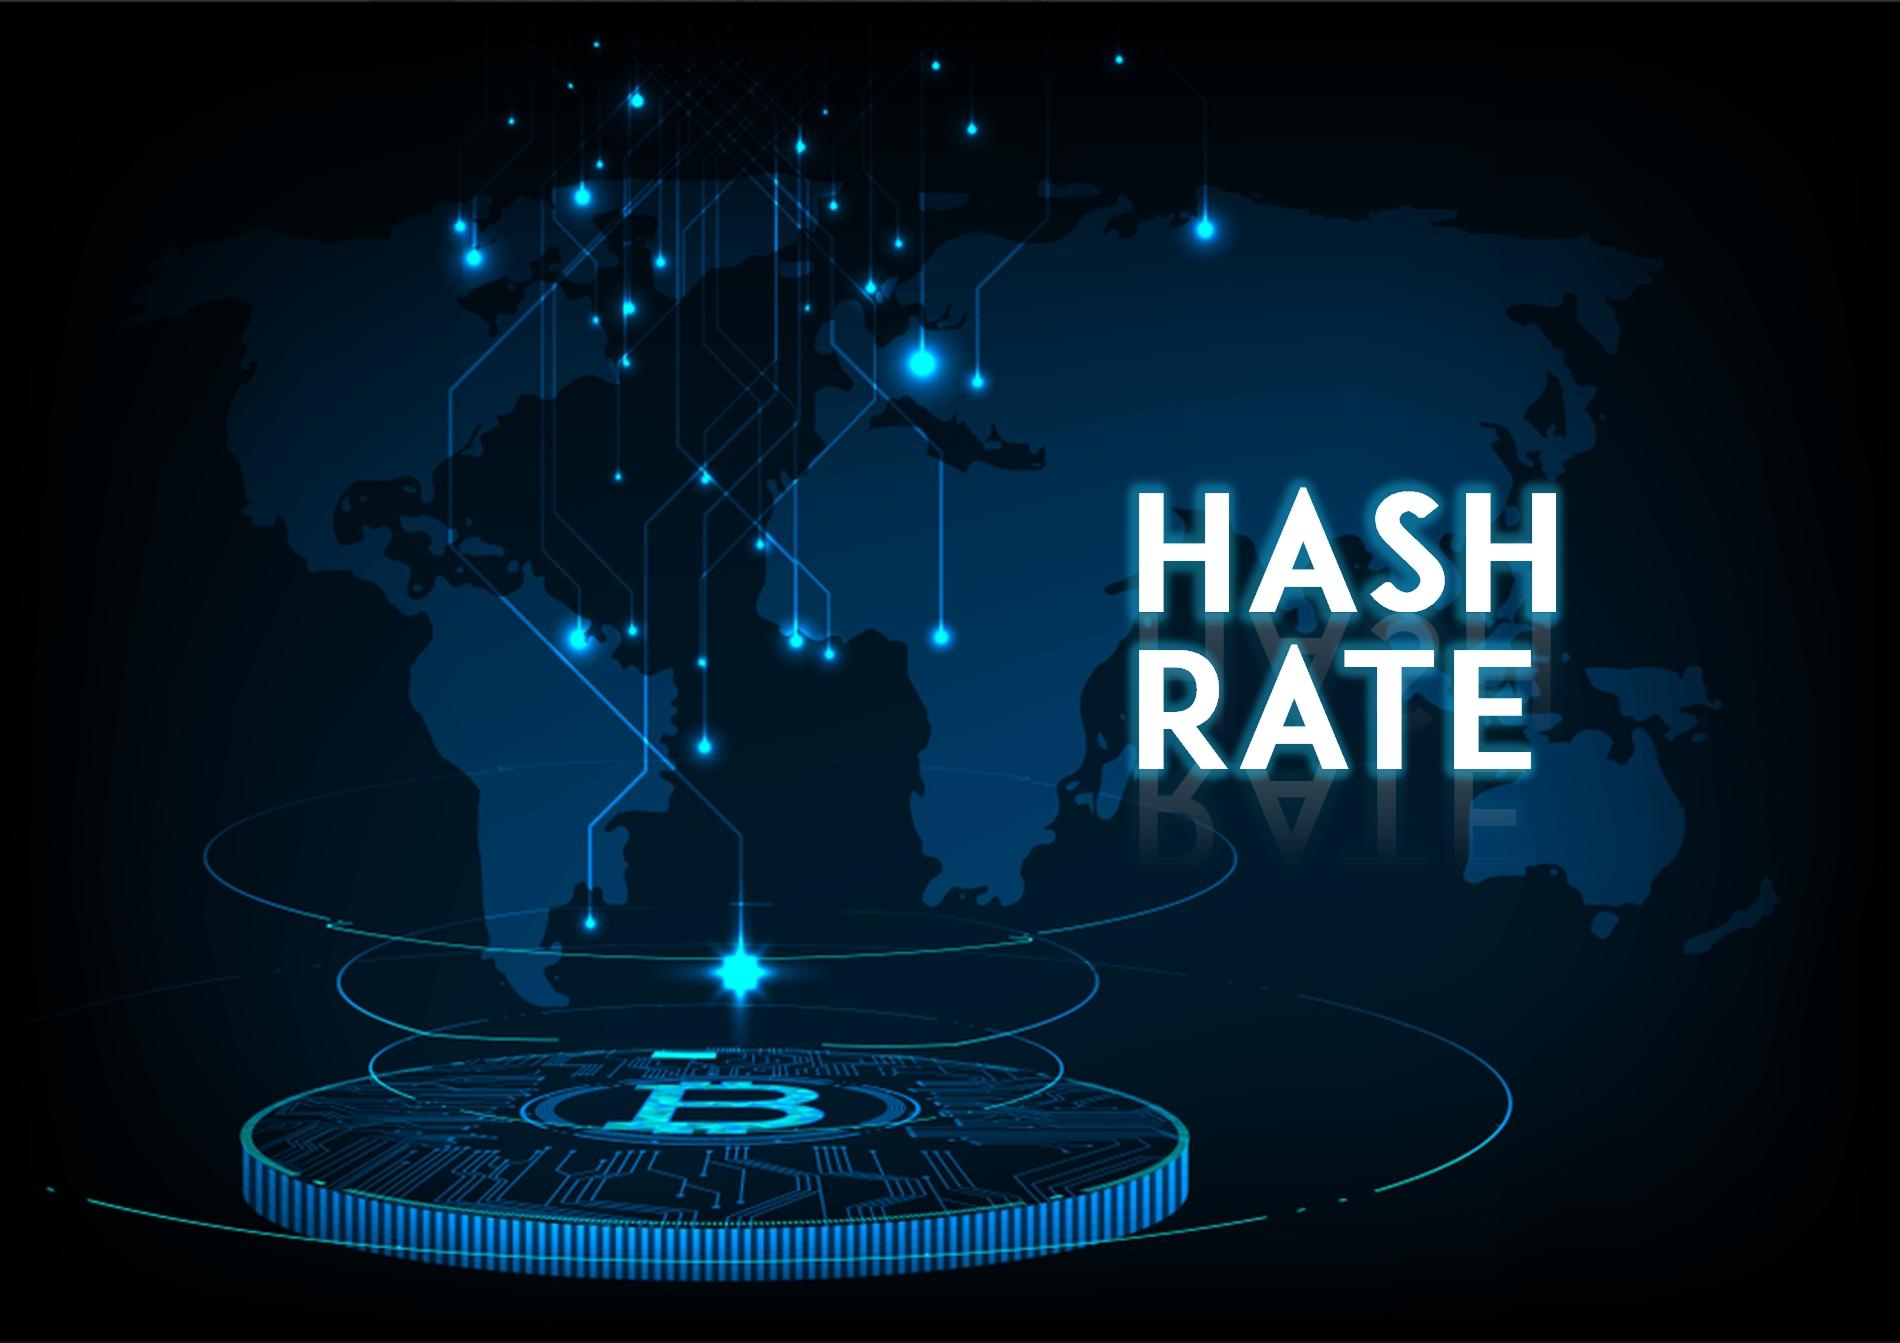 hash rate tỷ lệ băm là gì?